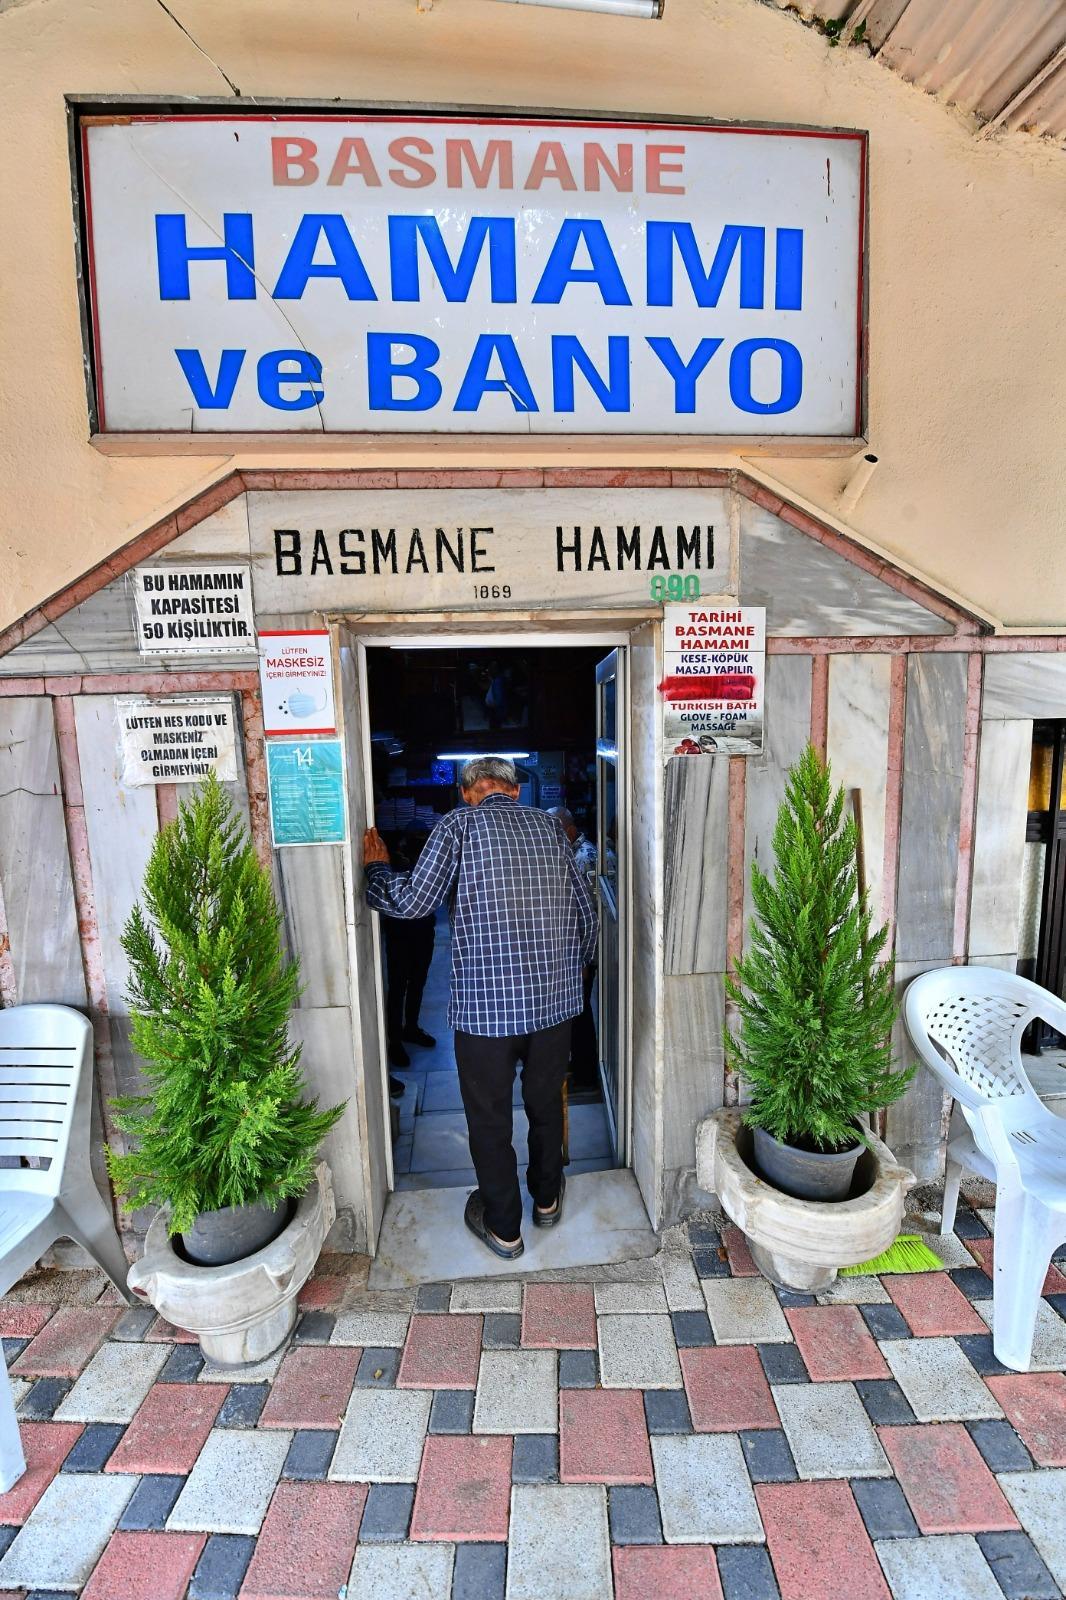 BASMANE HAMAMI